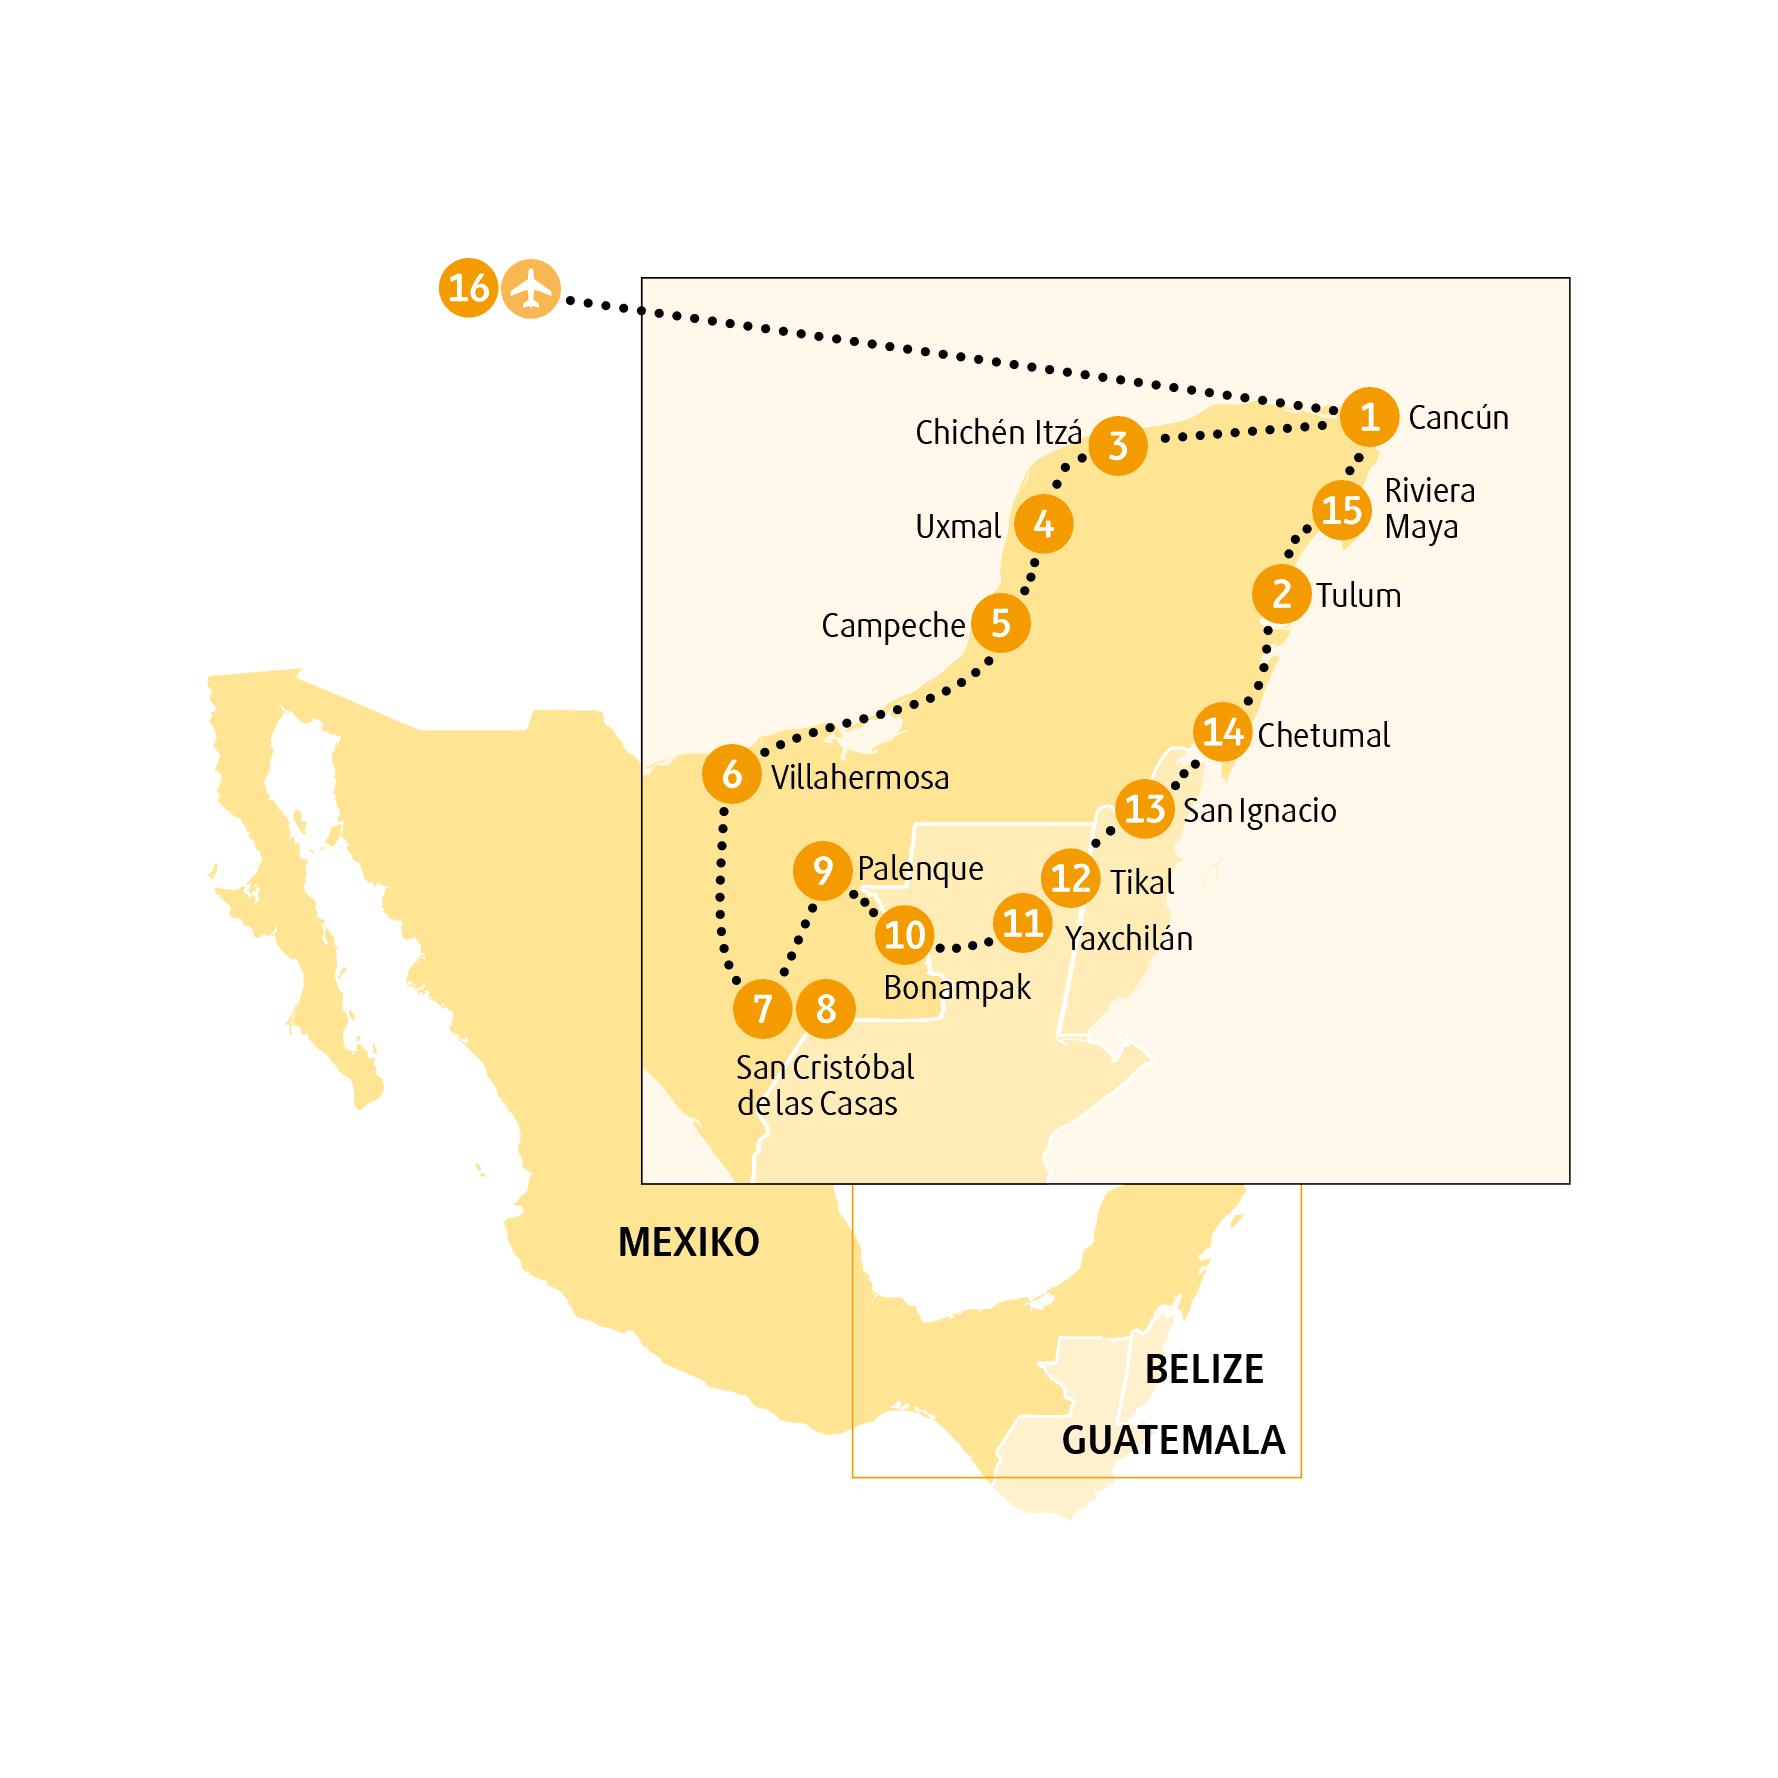 Reiseroute Mexiko Reise Palenque Von Chamaelon In 16 Tagen Die Wunder Mexikos Entdecken Max 12 Personen Durchfuhrungsgarantie Deutschsprachig Mexiko Belize